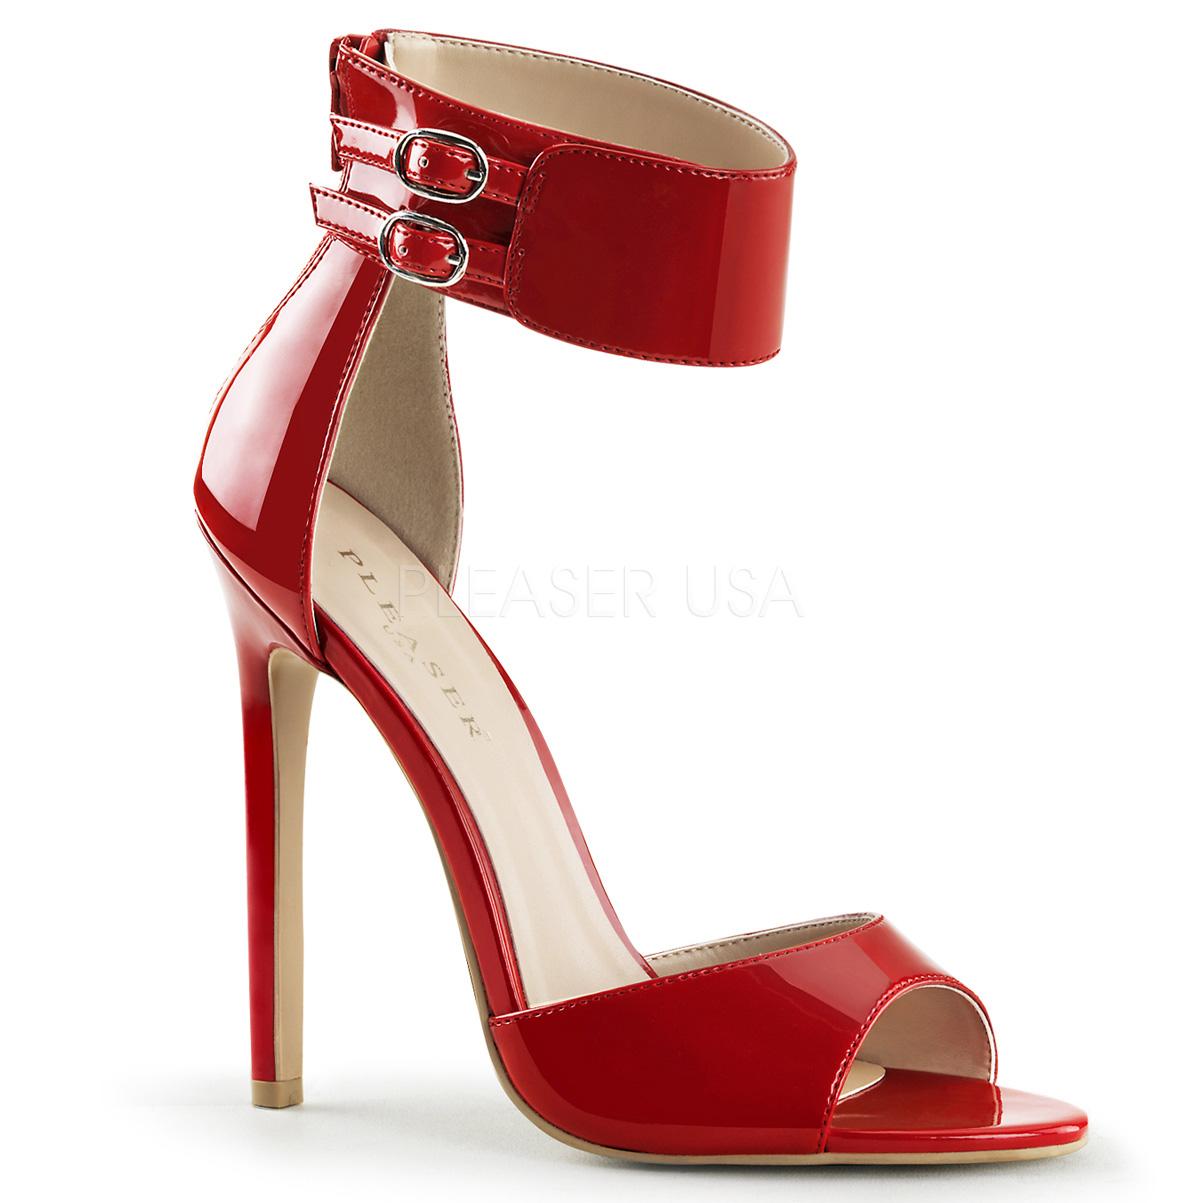 c2a65e2ac6d78 Escarpins d Orsay rouge vernis talon fin très haut